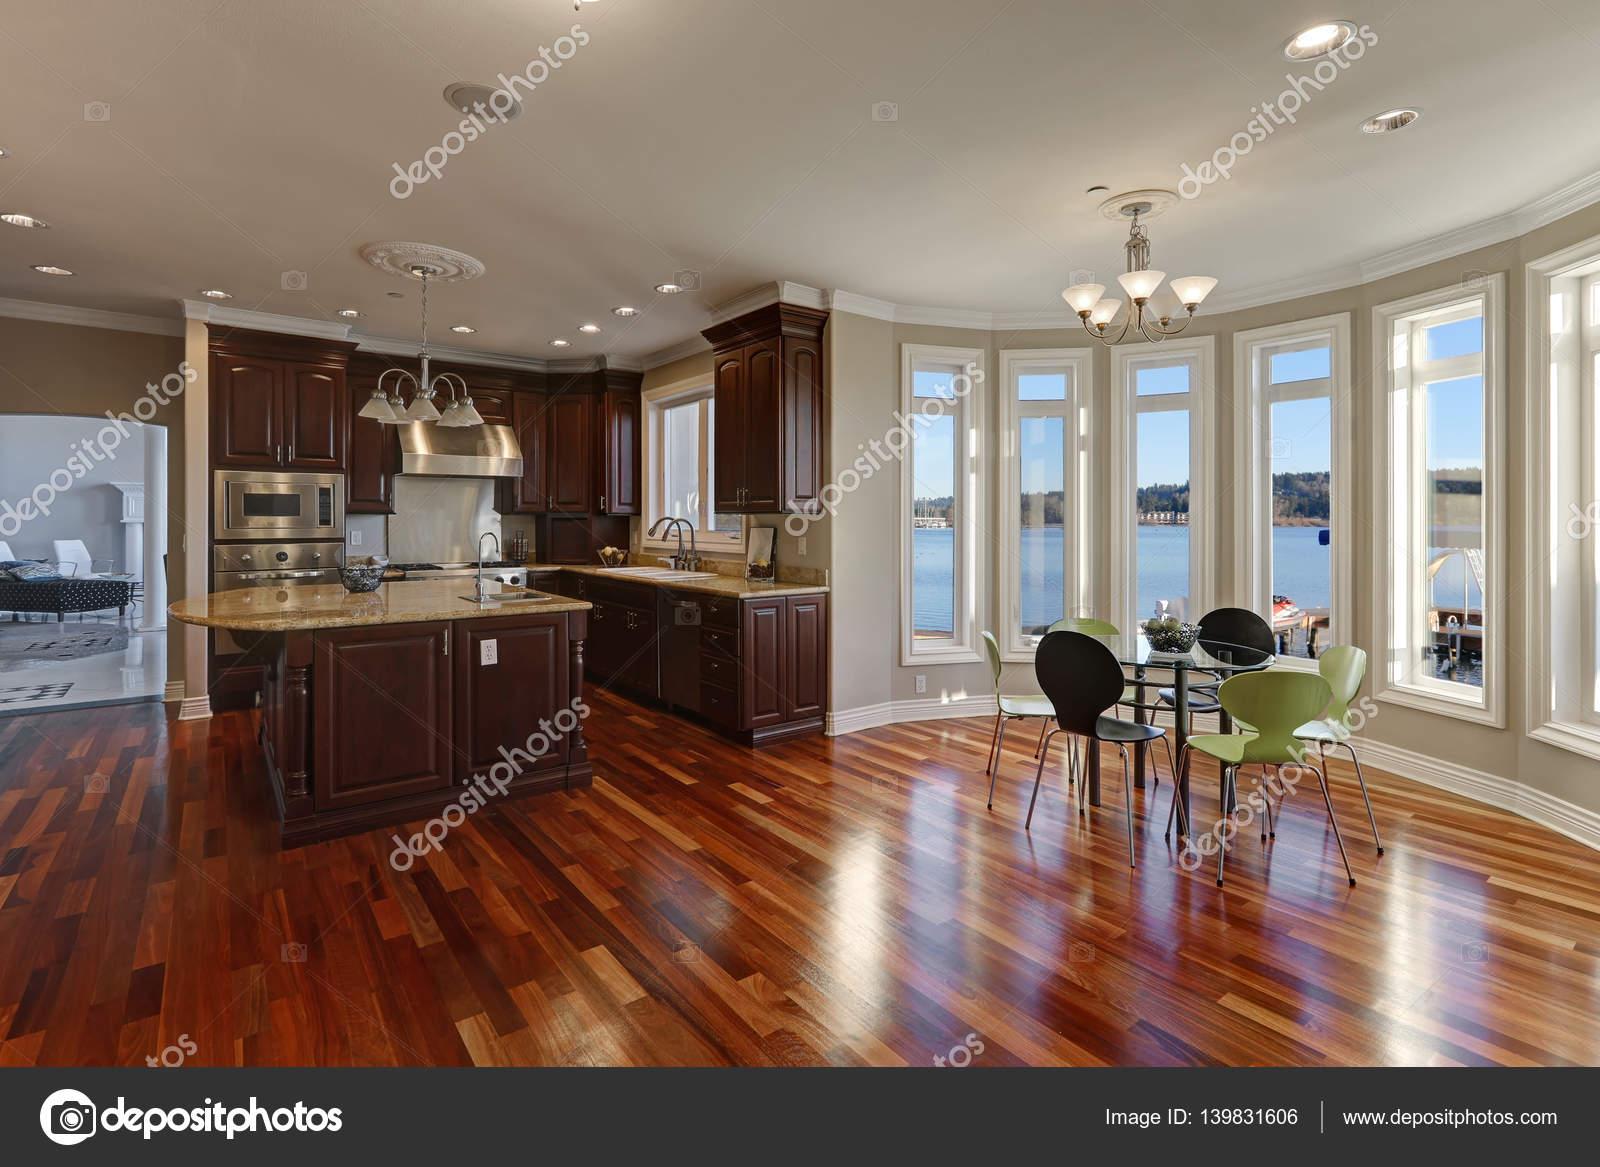 Luxus innenausstattung haus  Grundriss Innenausstattung von Luxus am Wasser Haus — Stockfoto ...